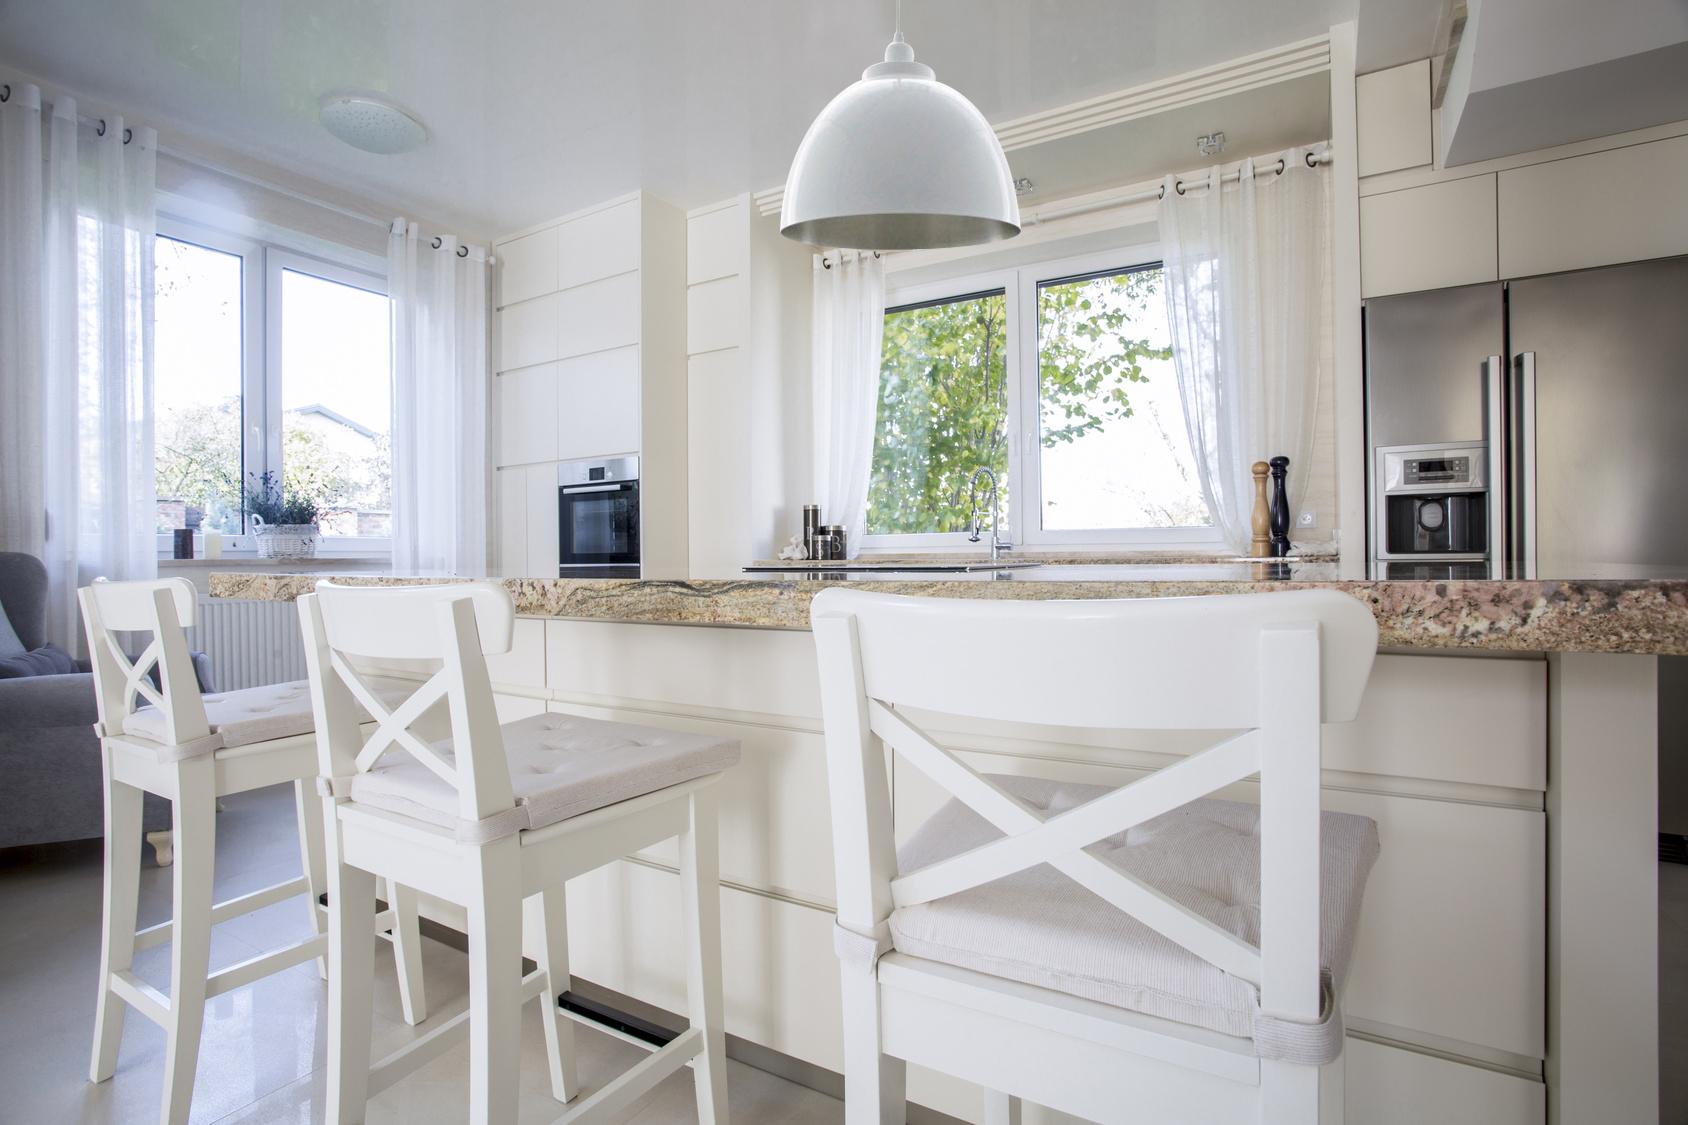 Biała lampa w skandynawskiej kuchni.Aranżacja zdjecie.